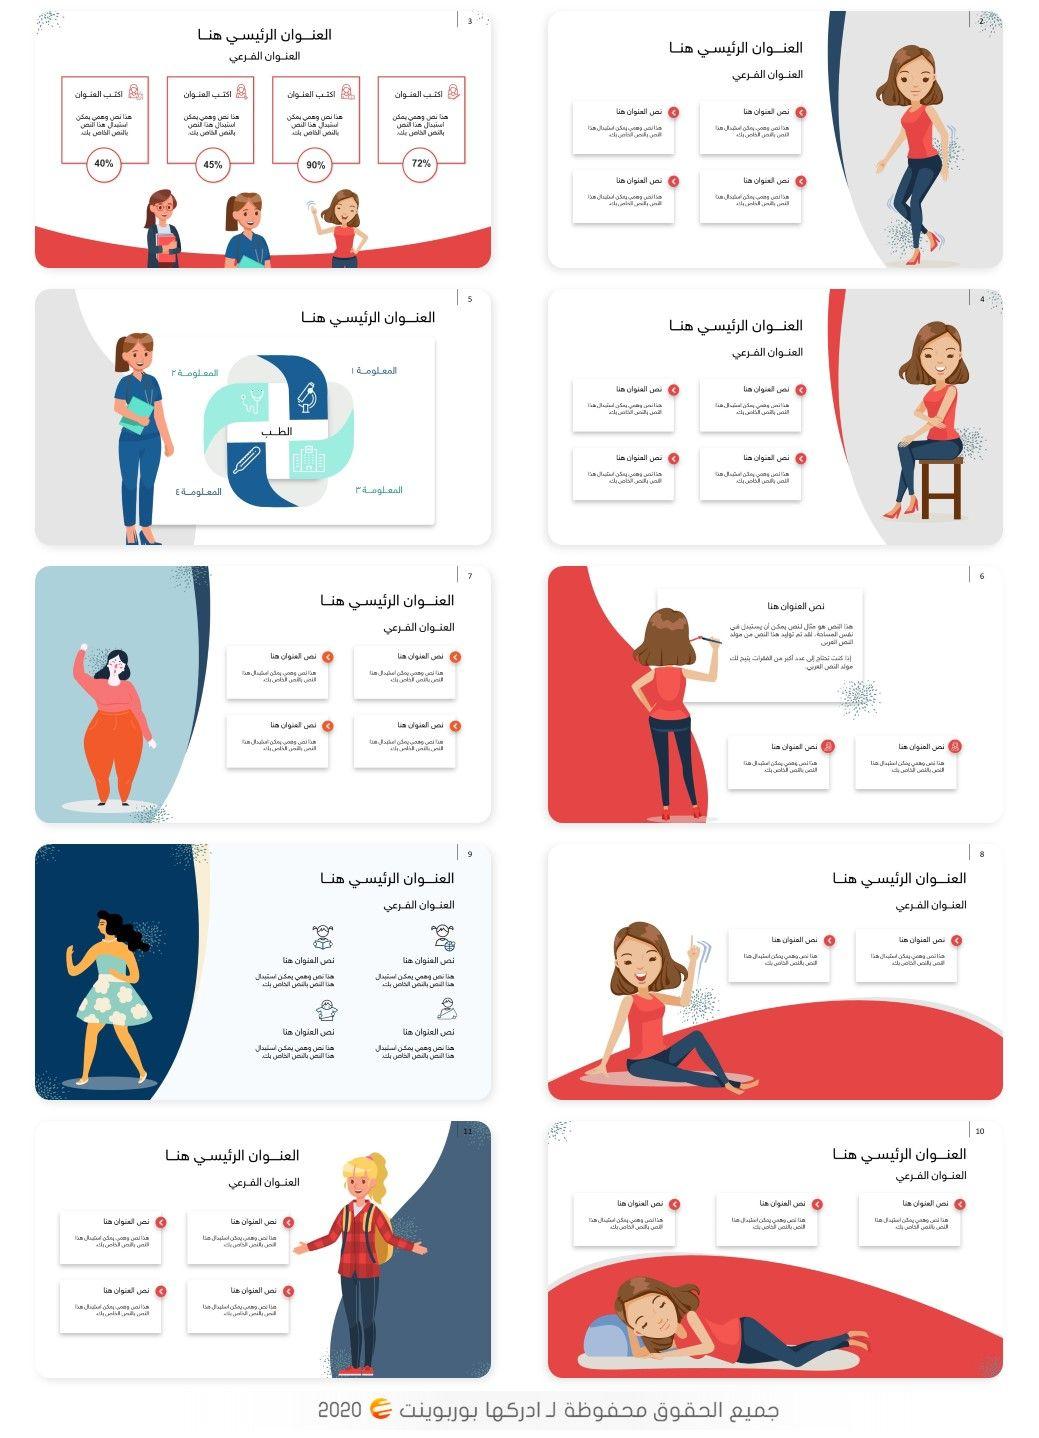 مؤنث قالب بوربوينت عربي عن المرأة جاهز للتعديل عليه ادركها بوربوينت Scientific Poster Design Scientific Poster Book Cover Design Template